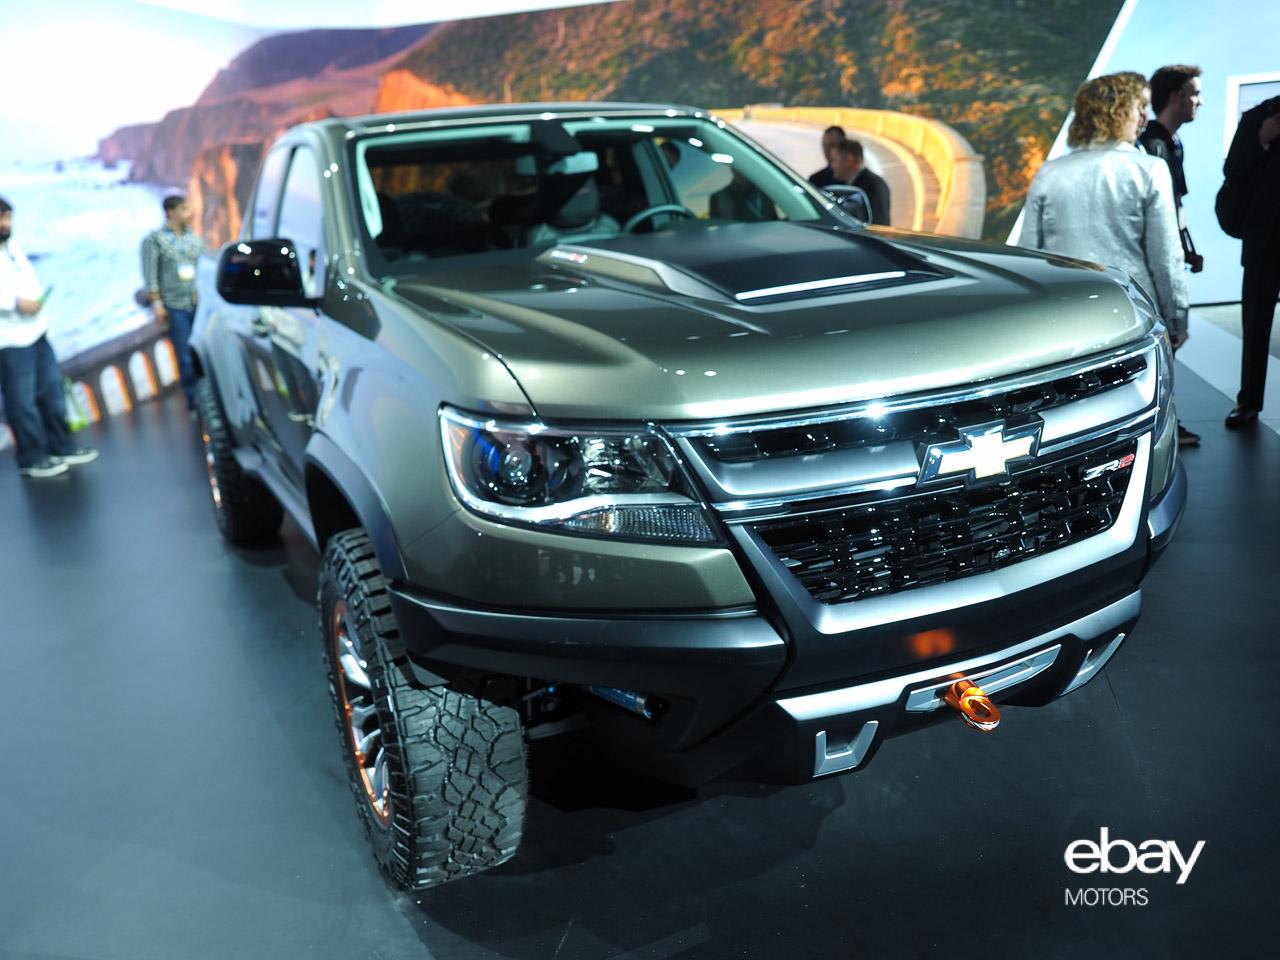 Colorado chevy colorado zr2 concept : Chevrolet Colorado ZR2 Concept at LA Auto Show | eBay Motors Blog